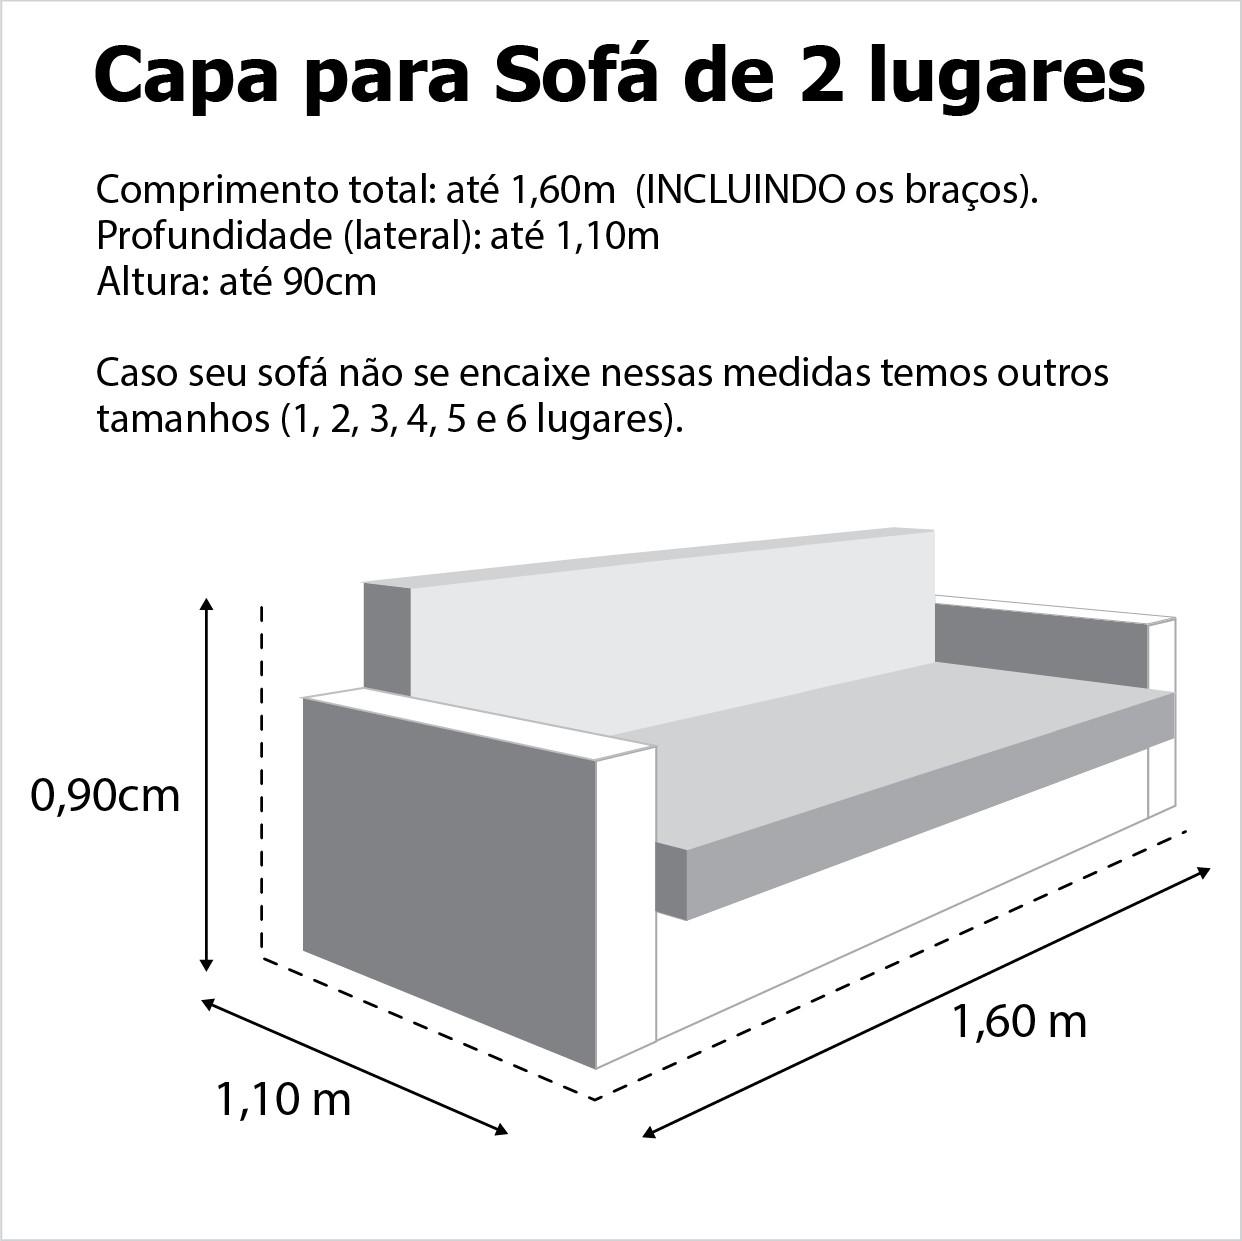 Capa p/ Sofá de 2 Lug GRAFITE em Acquablock Impermeável